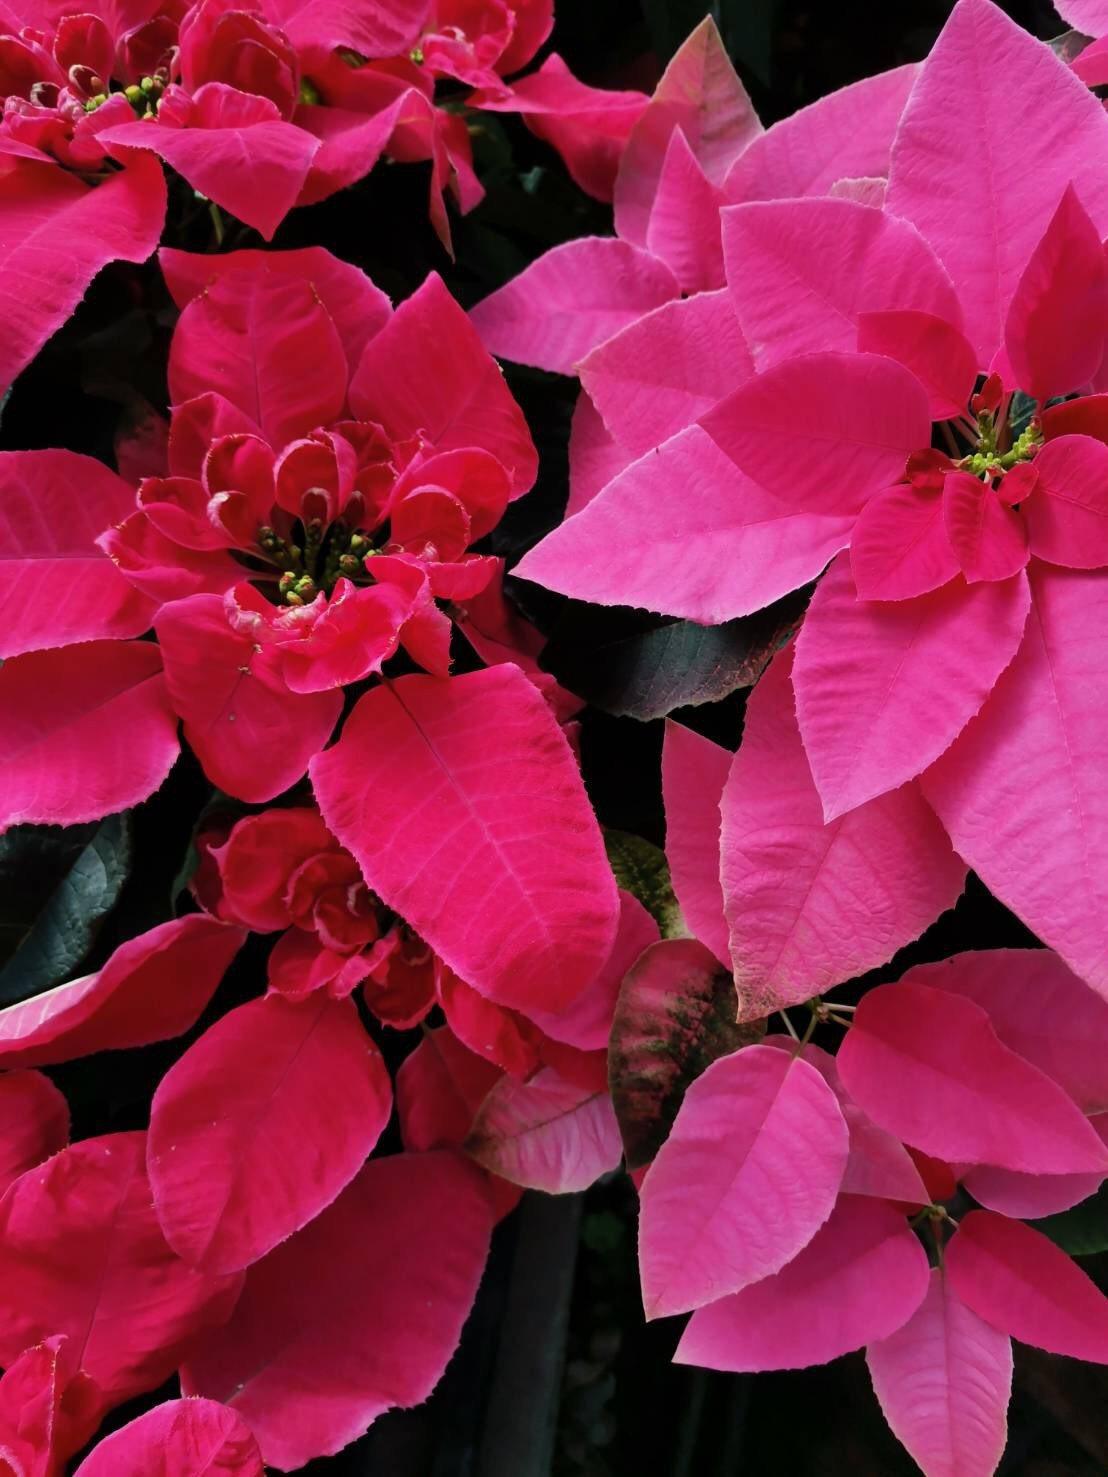 興大園藝系培育的新品種「女神」(左)立體蓮瓣花型,花型表現特殊且生動,突破傳統聖...